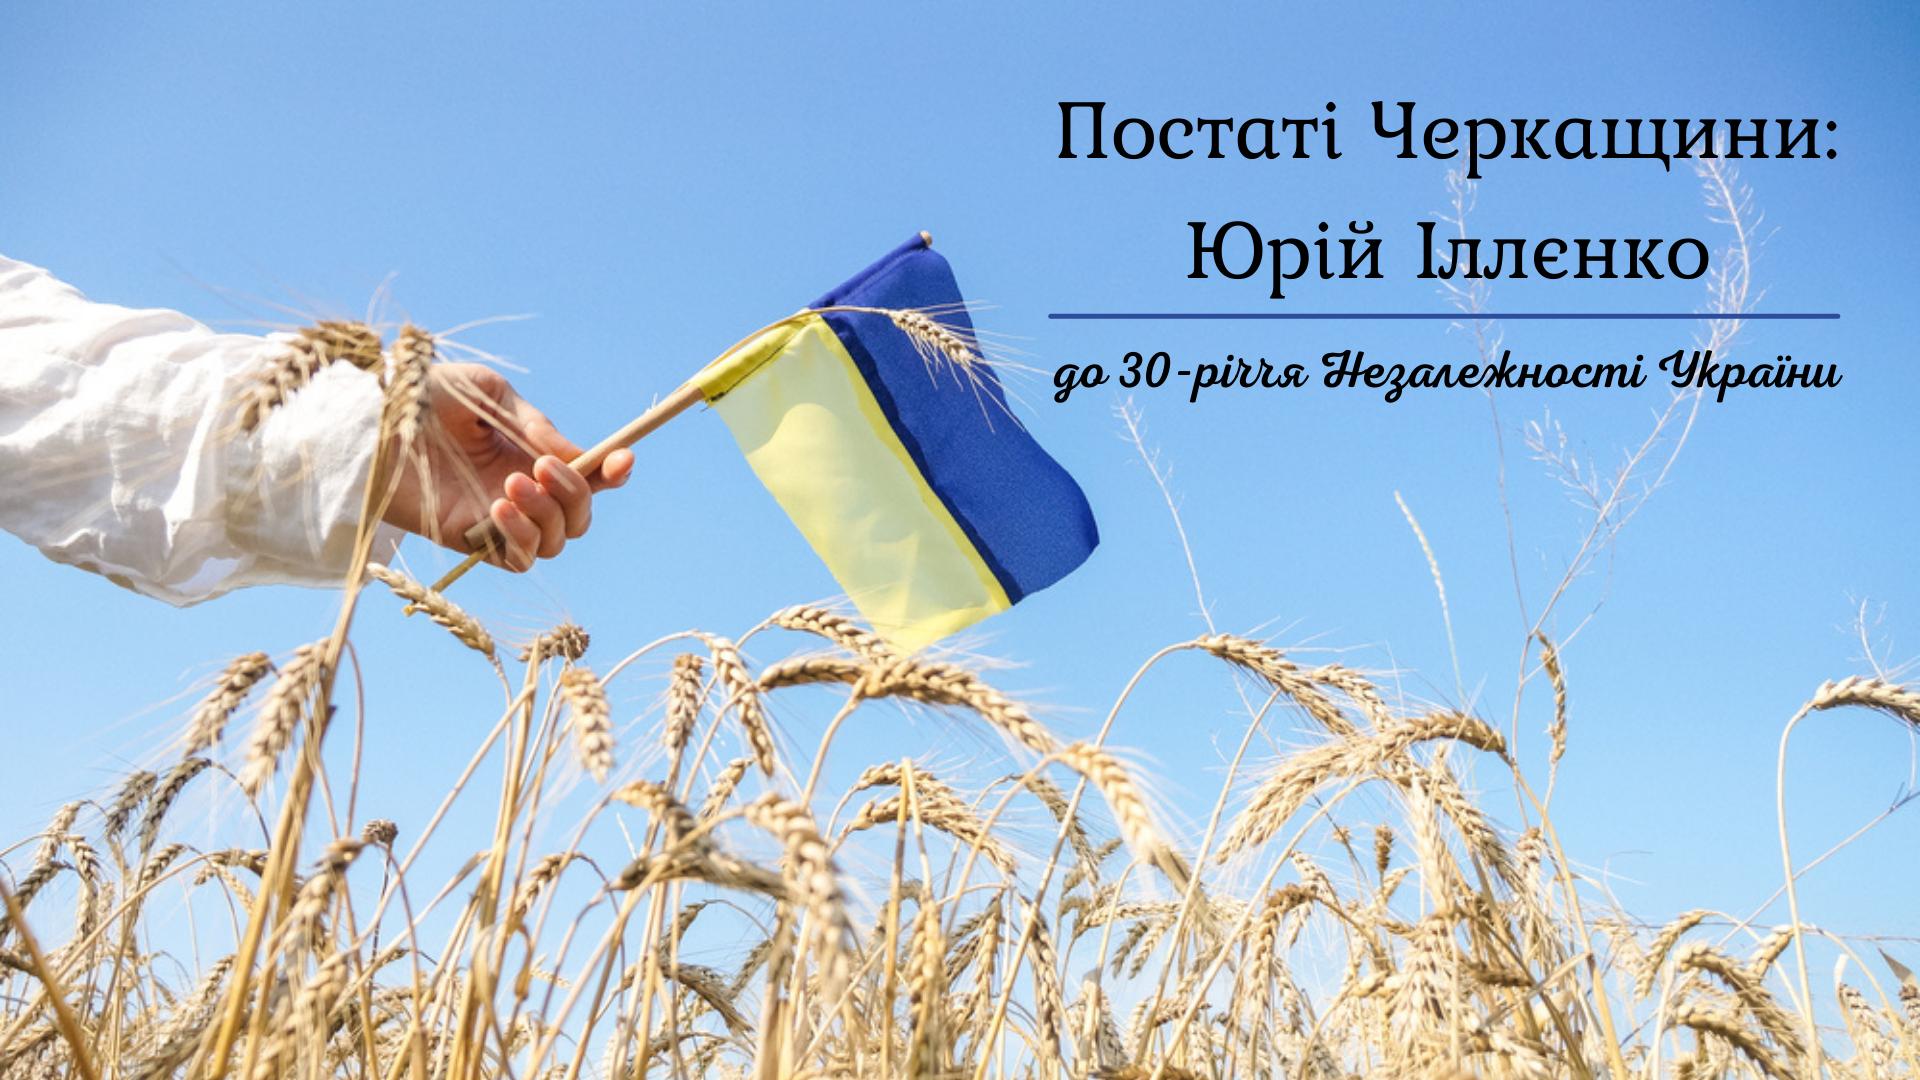 Постаті Черкащини: Юрій Іллєнко. До 30-річчя Незалежності України